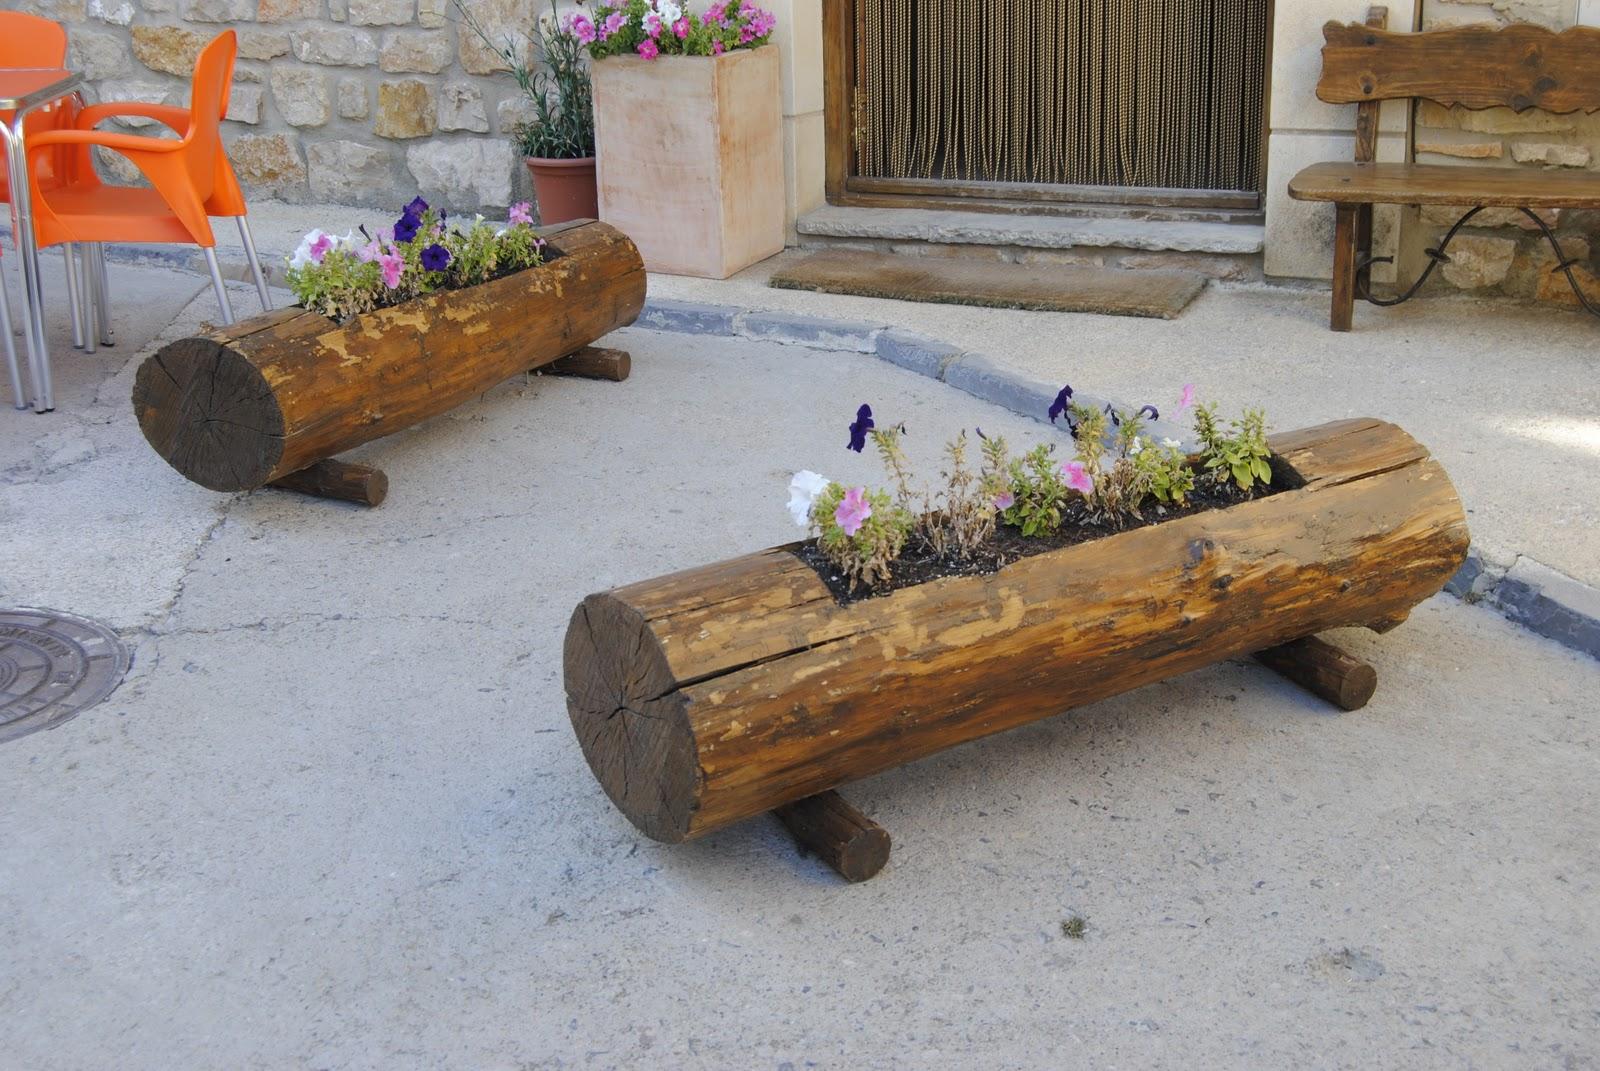 Macetones y jardineras de madera :